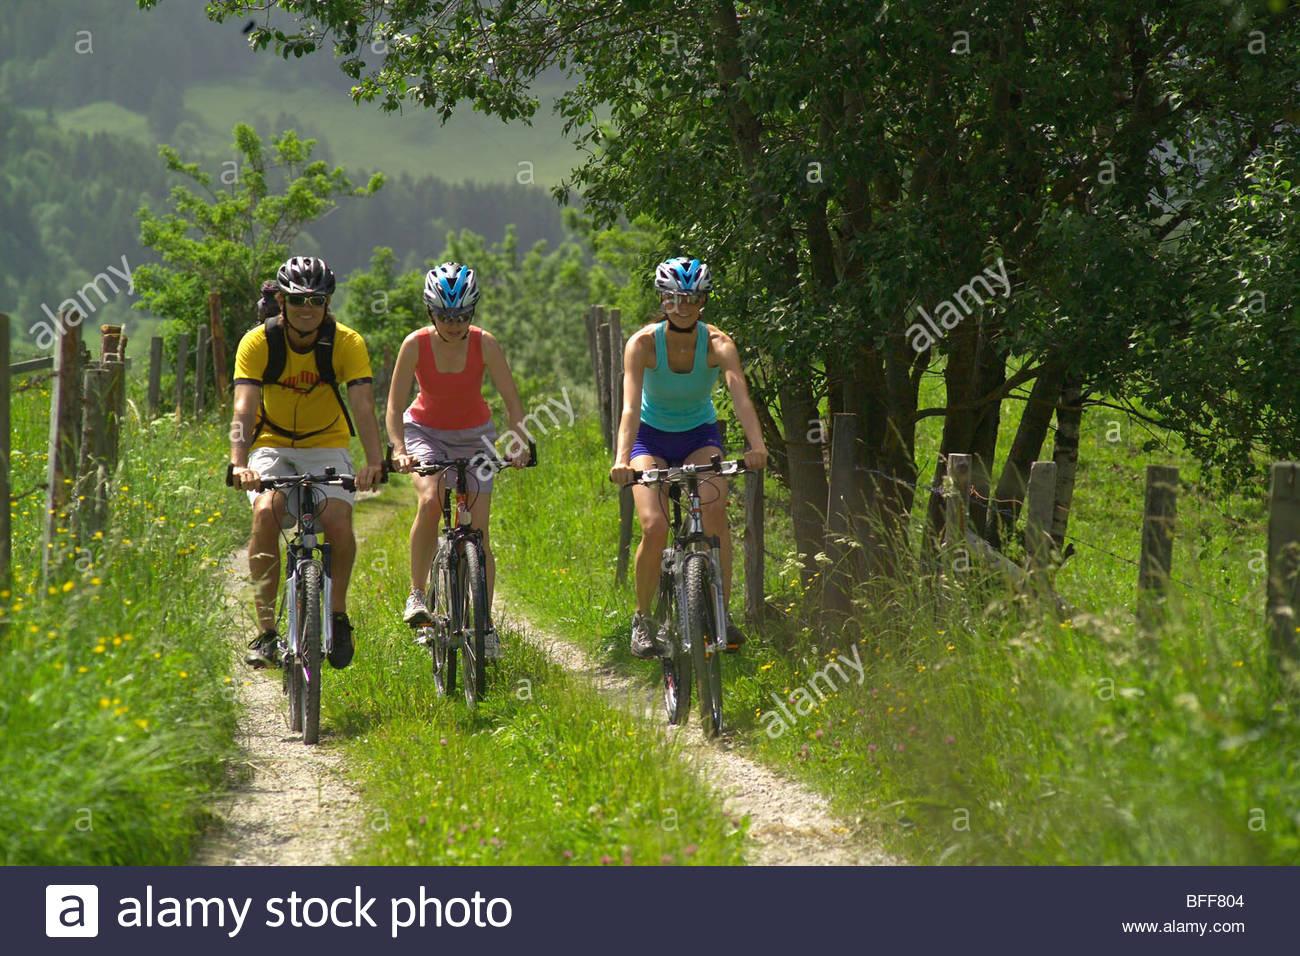 Radfahren - Radfahren Stockbild